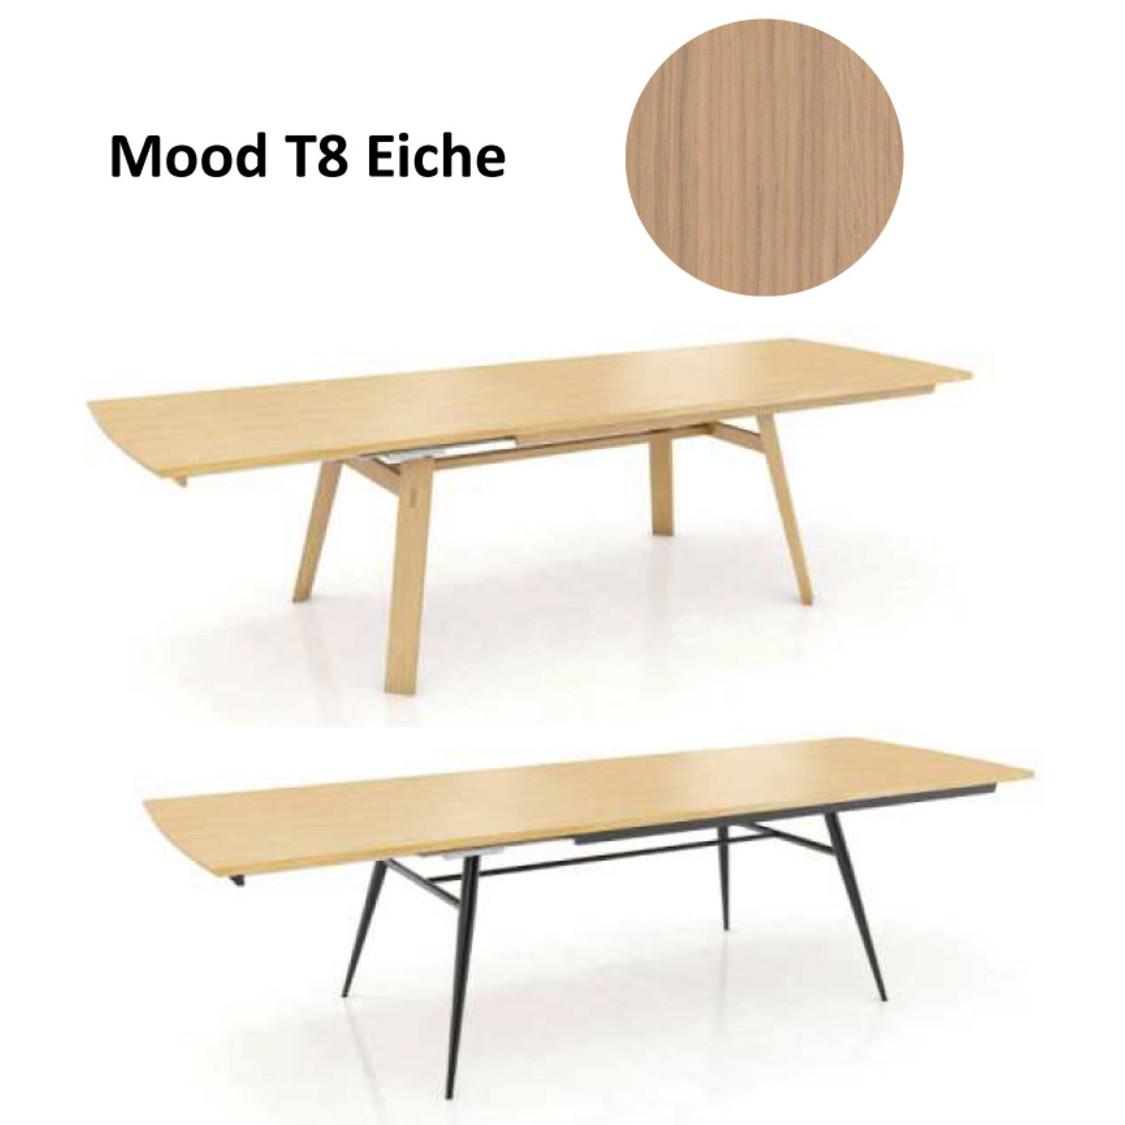 Blickfang Wildeiche Esstisch Sammlung Von Mood T8, Eiche Oder